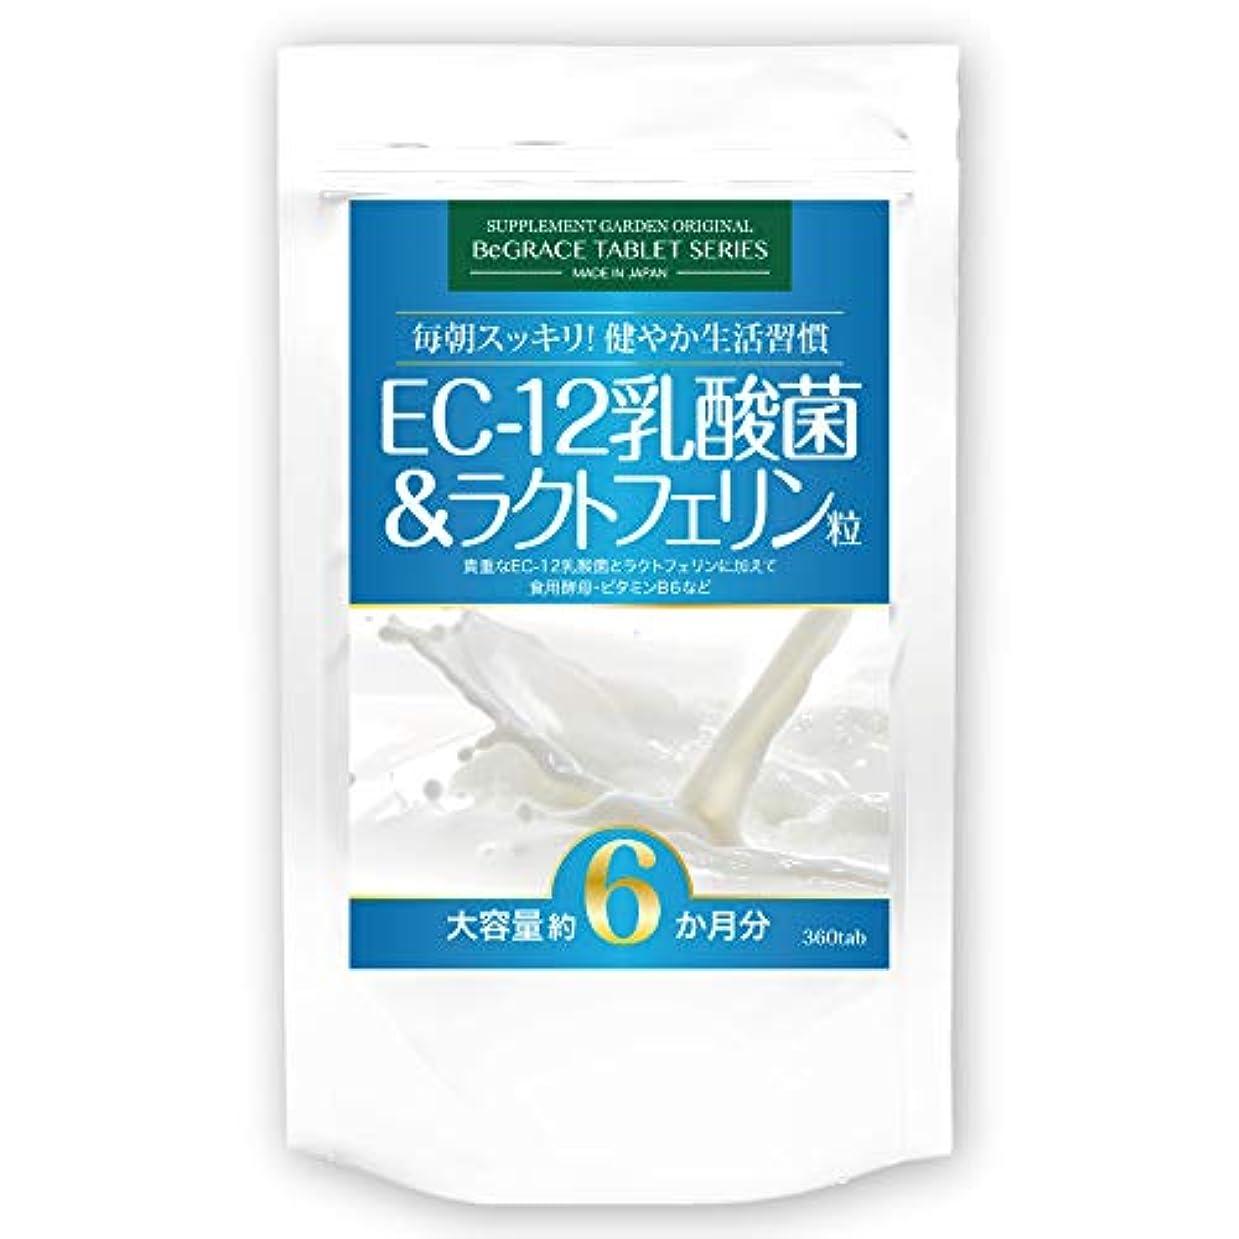 地域読む大EC-12乳酸菌&ラクトフェリン粒 大容量約6ヶ月分/360粒(EC-12乳酸菌、ラクトフェリン、ビール酵母、ホエイプロテイン、ビタミンB6)